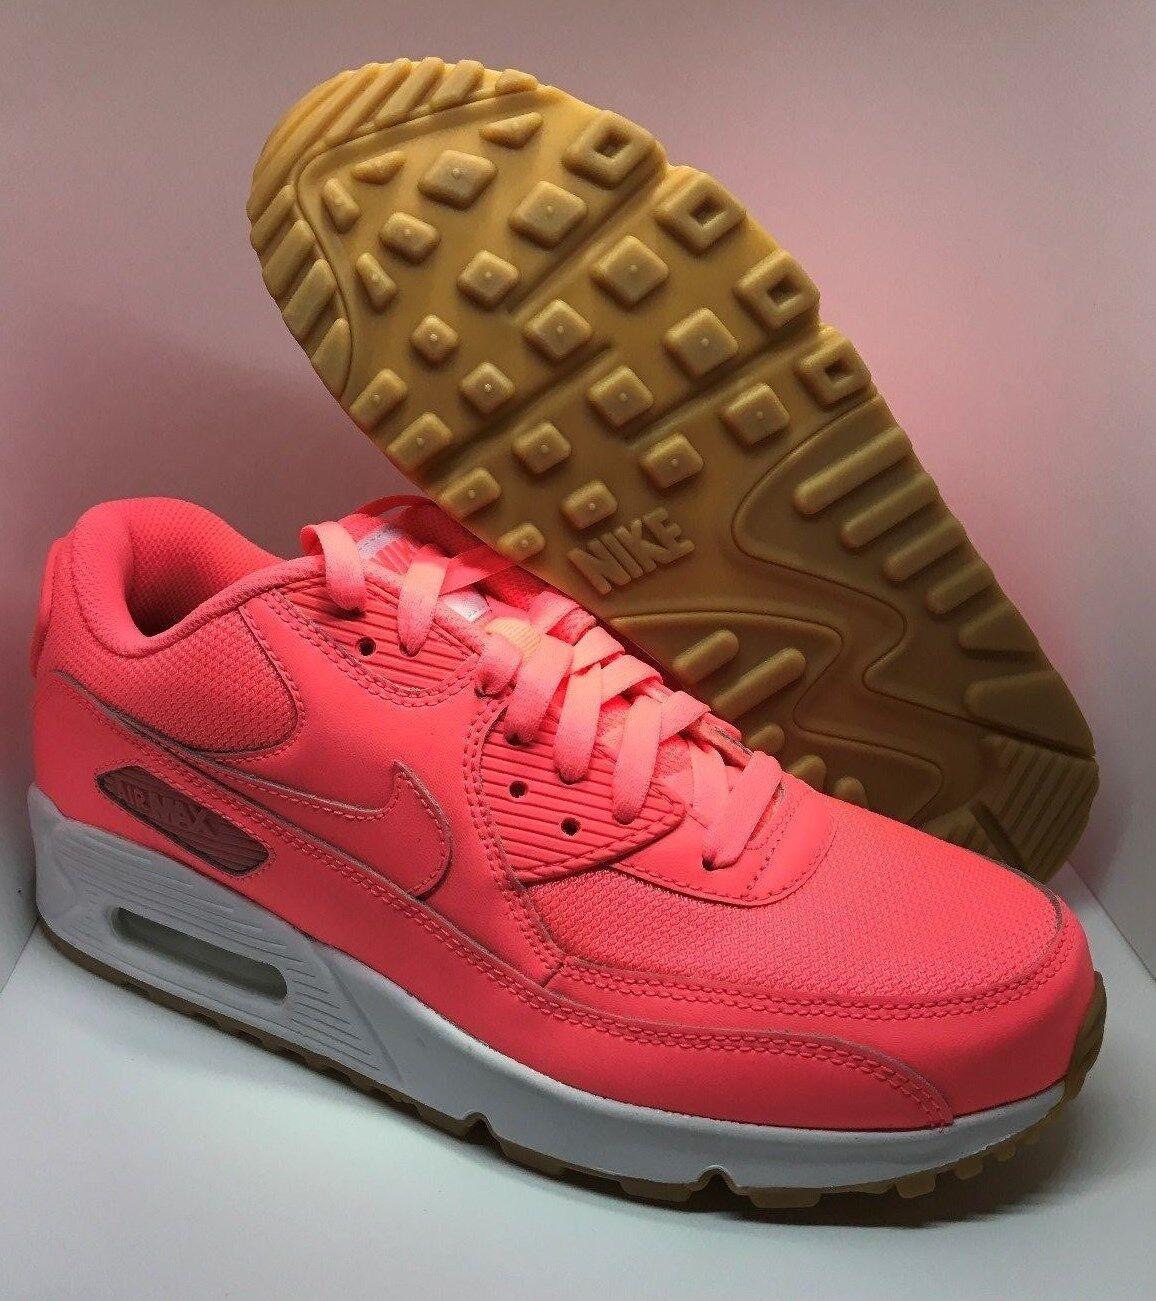 nike air max 90 womens hot pink